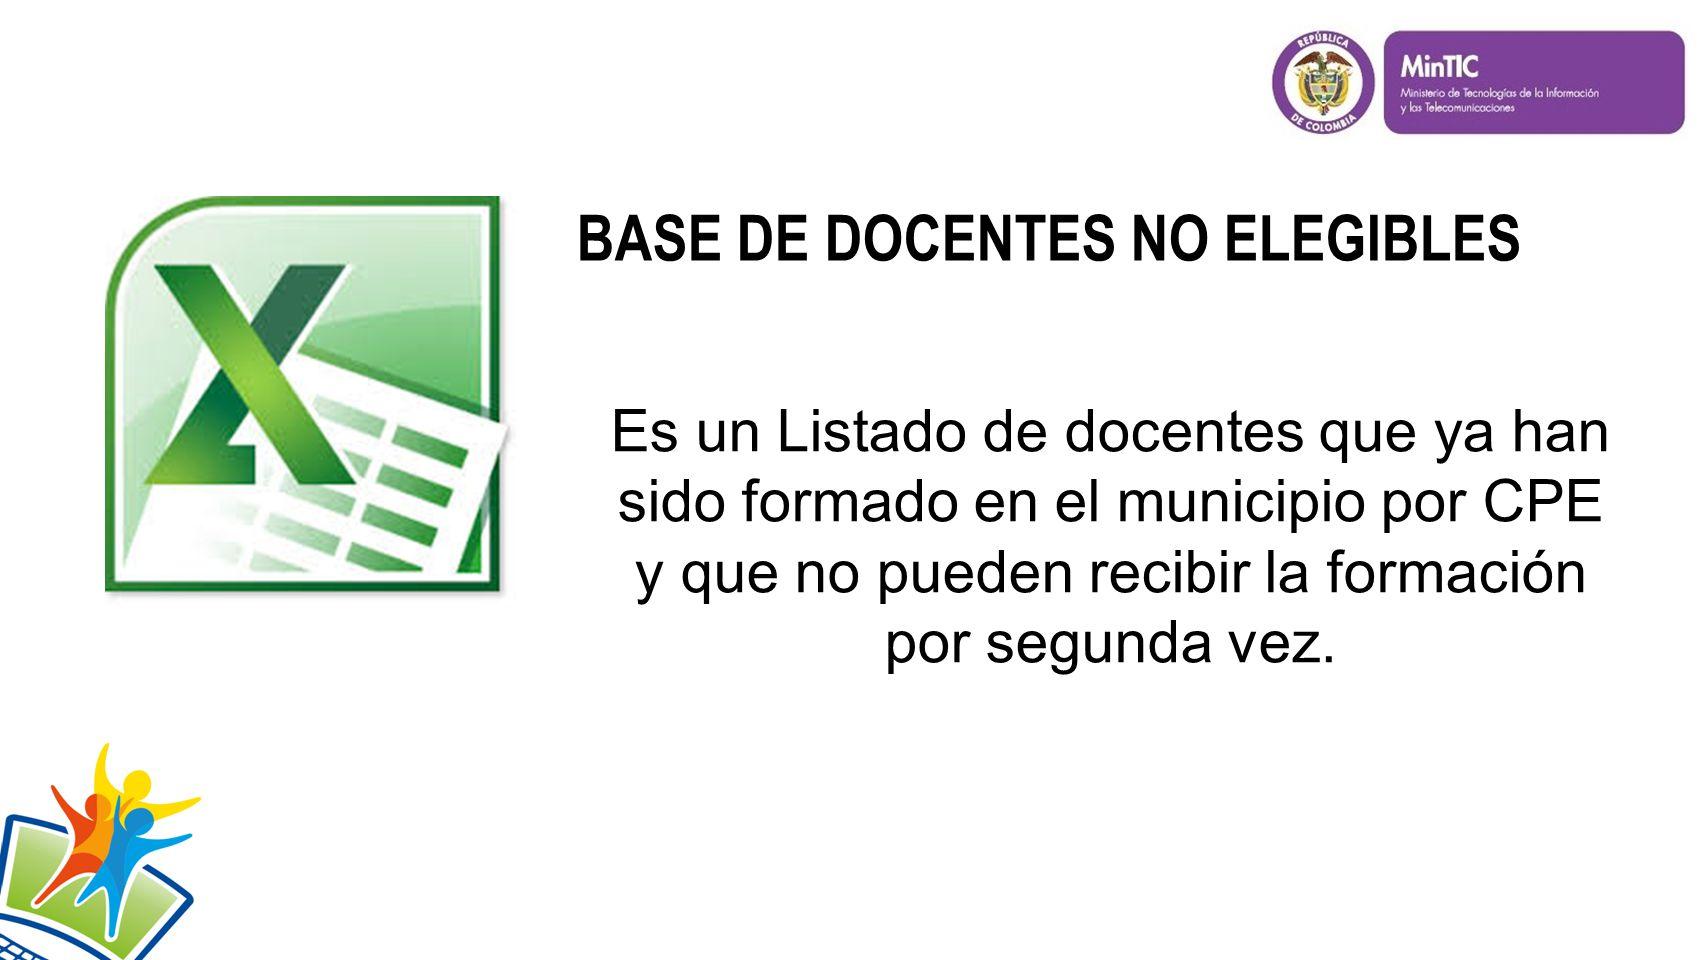 BASE DE DOCENTES NO ELEGIBLES Es un Listado de docentes que ya han sido formado en el municipio por CPE y que no pueden recibir la formación por segunda vez.